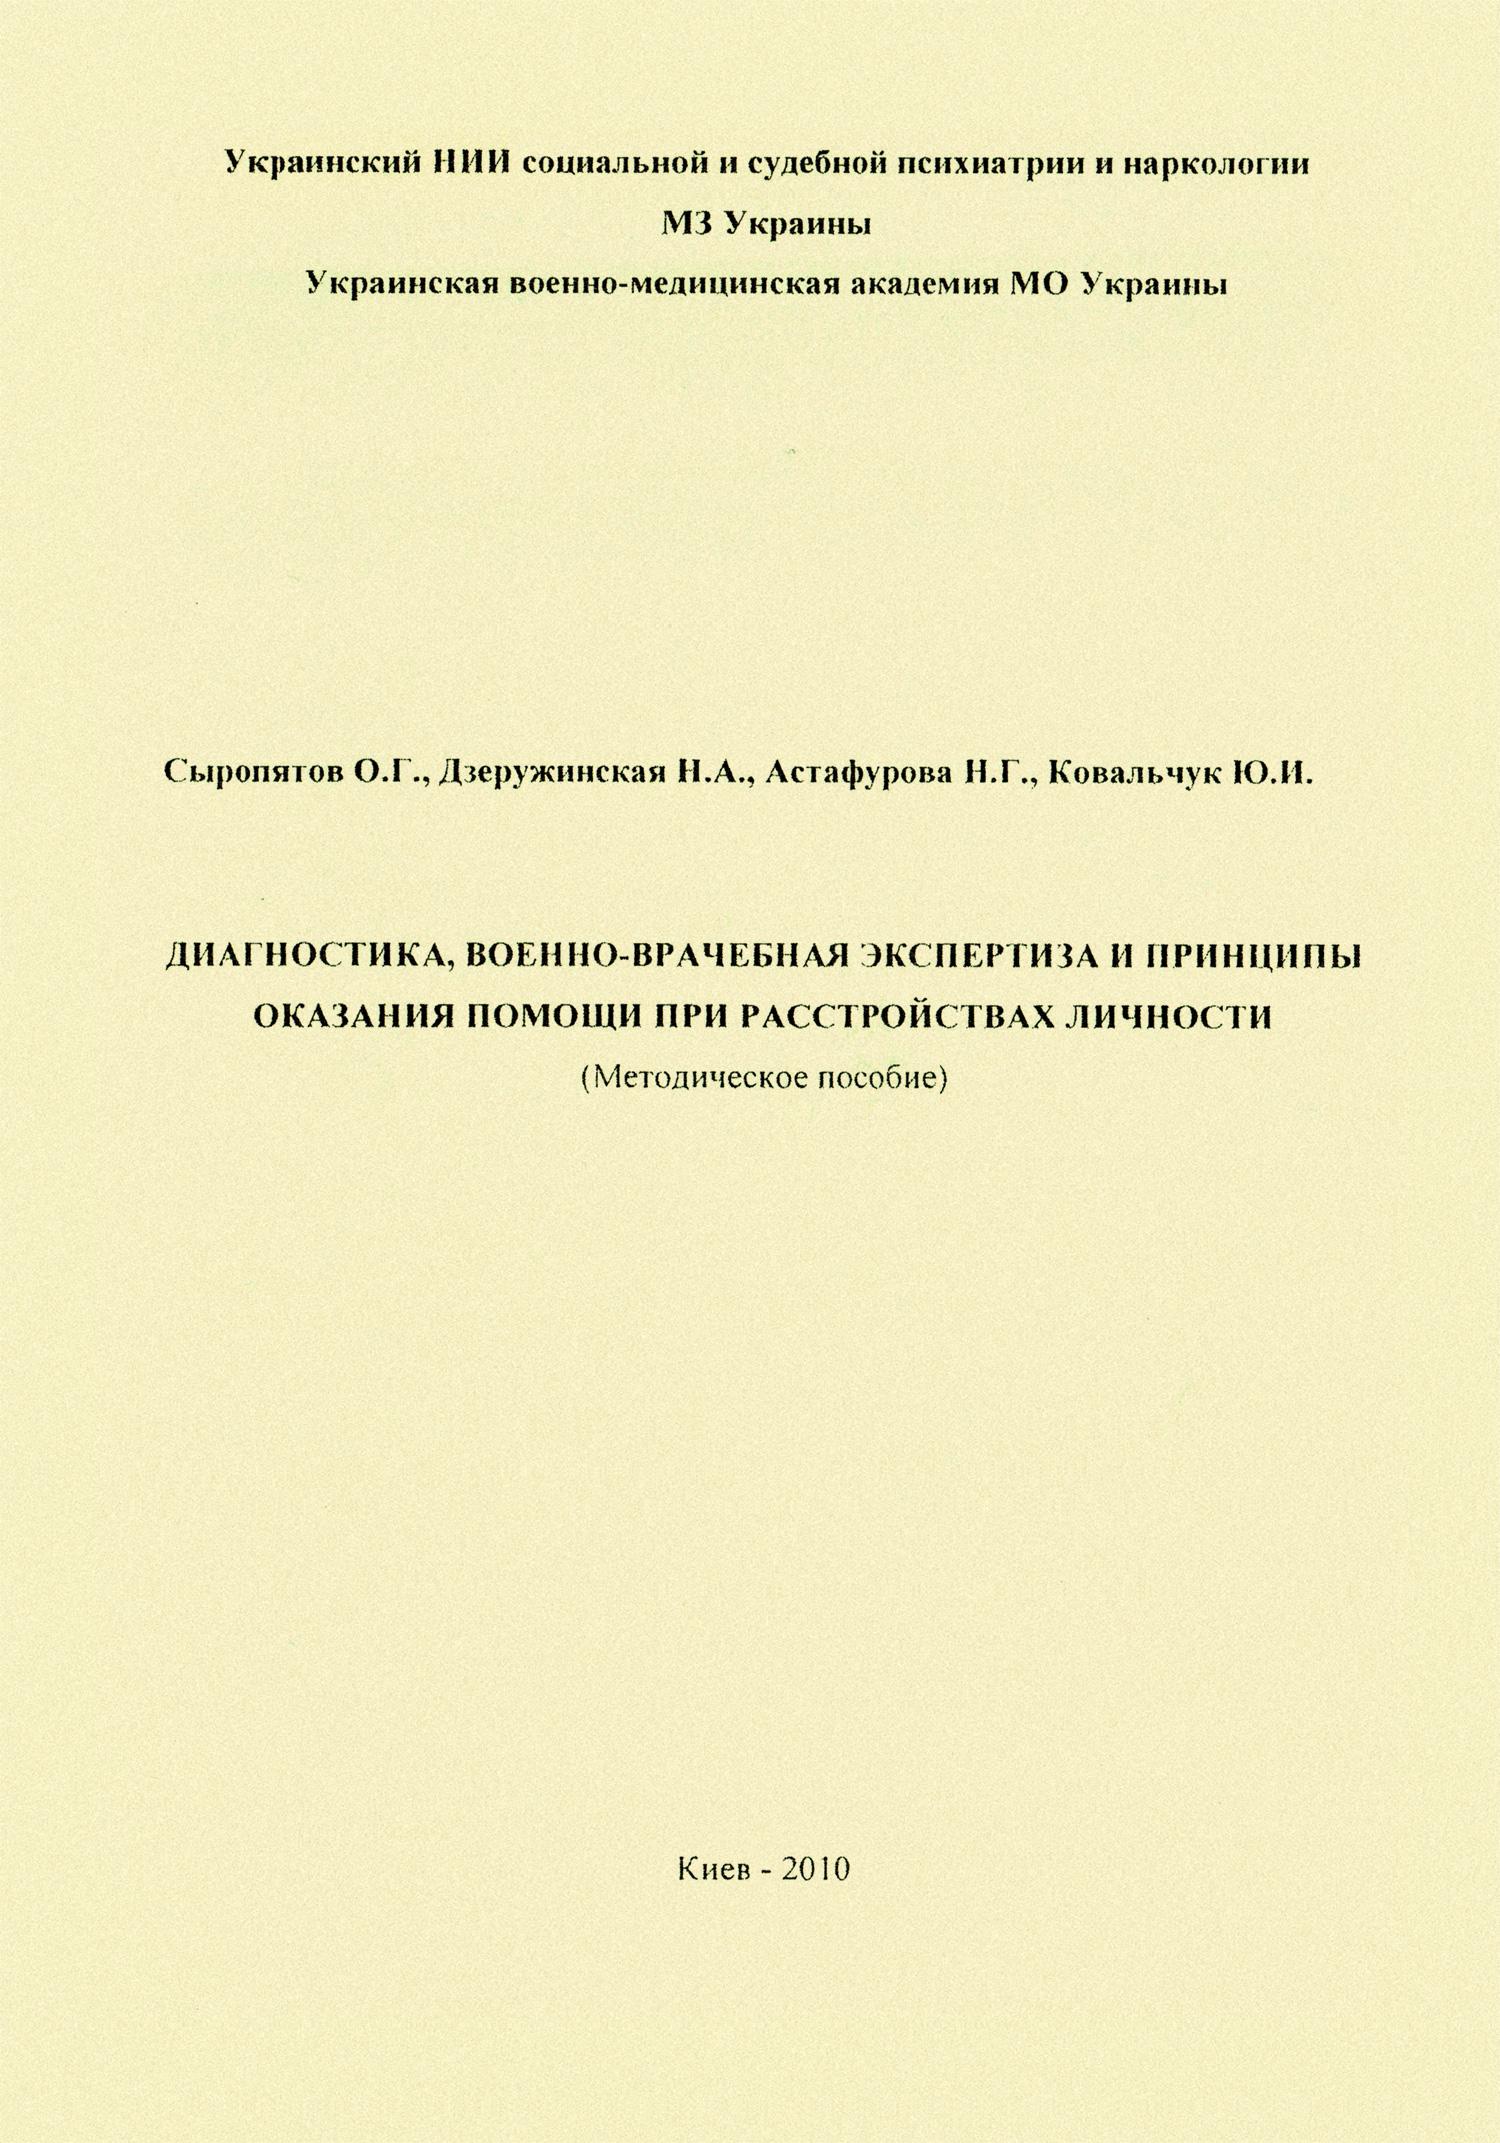 Диагностика, военно-врачебная экспертиза и принципы оказания помощи при расстройствах личности: методическое пособие